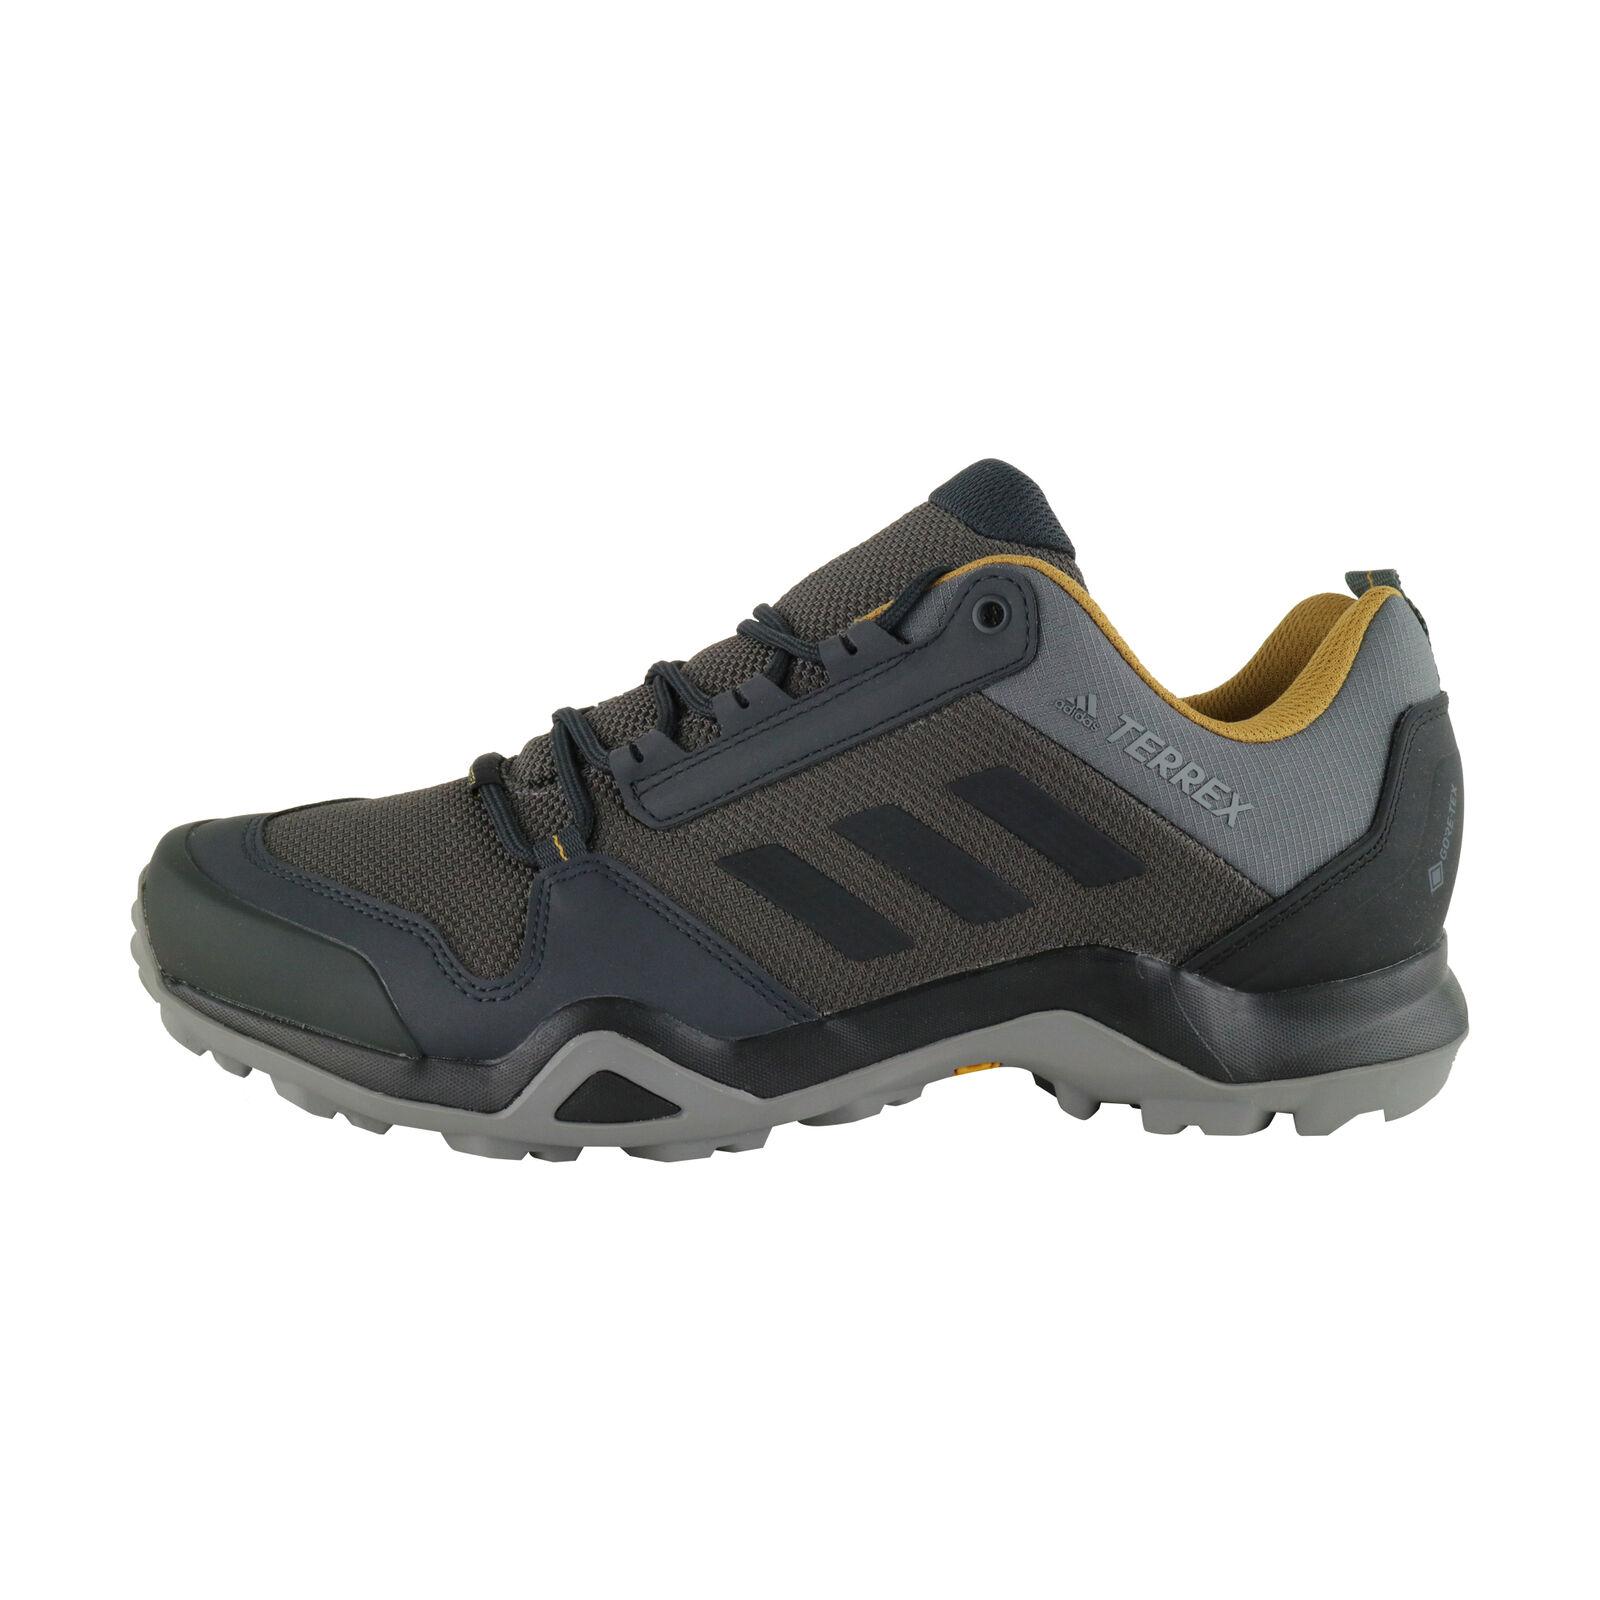 Détails sur Adidas Terrex AX3 GTX Gris Gore Tex plein Air et Chaussures de Randonnée BC0517